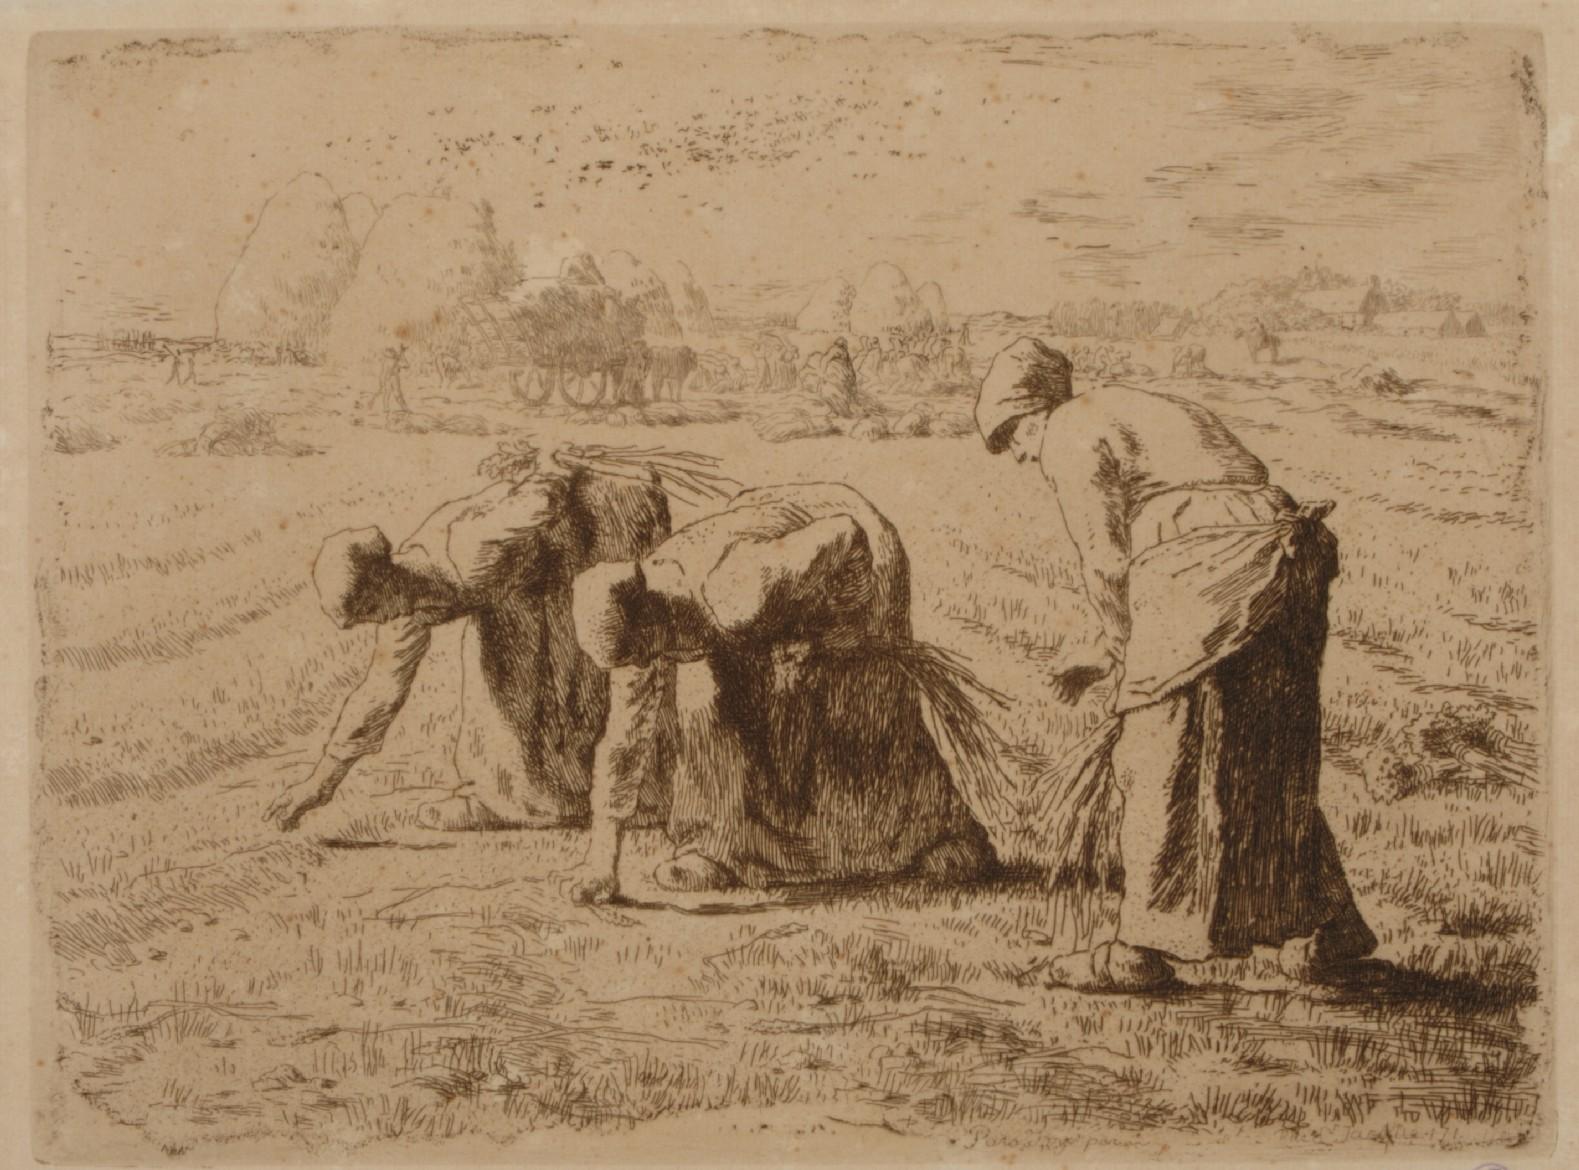 让·弗朗索瓦·米勒 Jean-Francois Millet - 水木白艺术坊 - 贵阳画室 高考美术培训